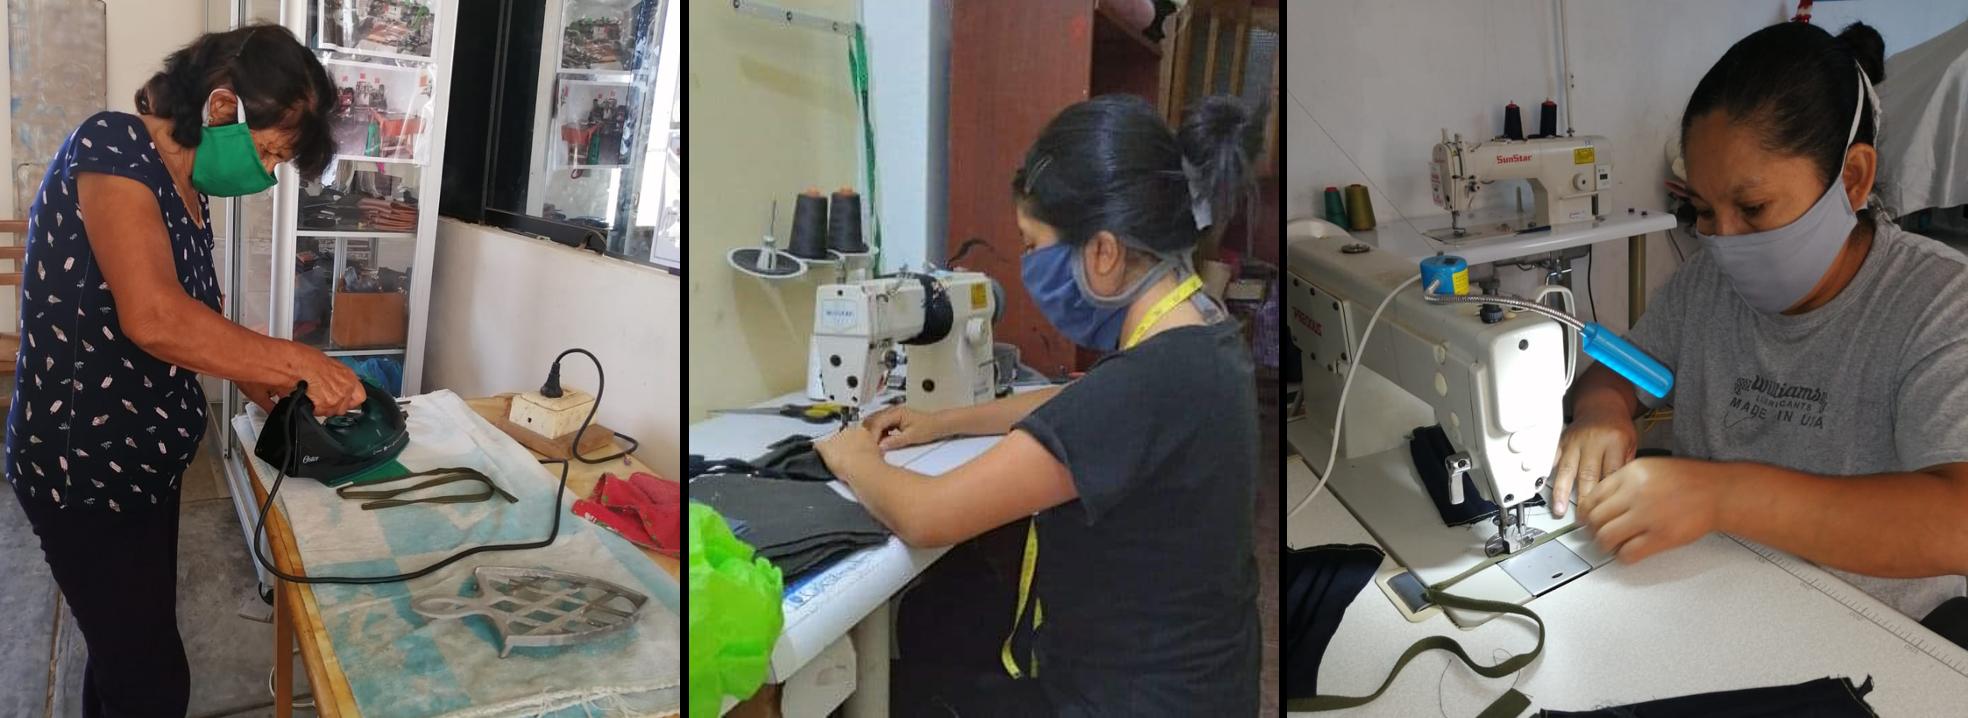 ENGIE promueve con asociación de mujeres emprendedoras confección de mascarillas para emergencia del COVID-19